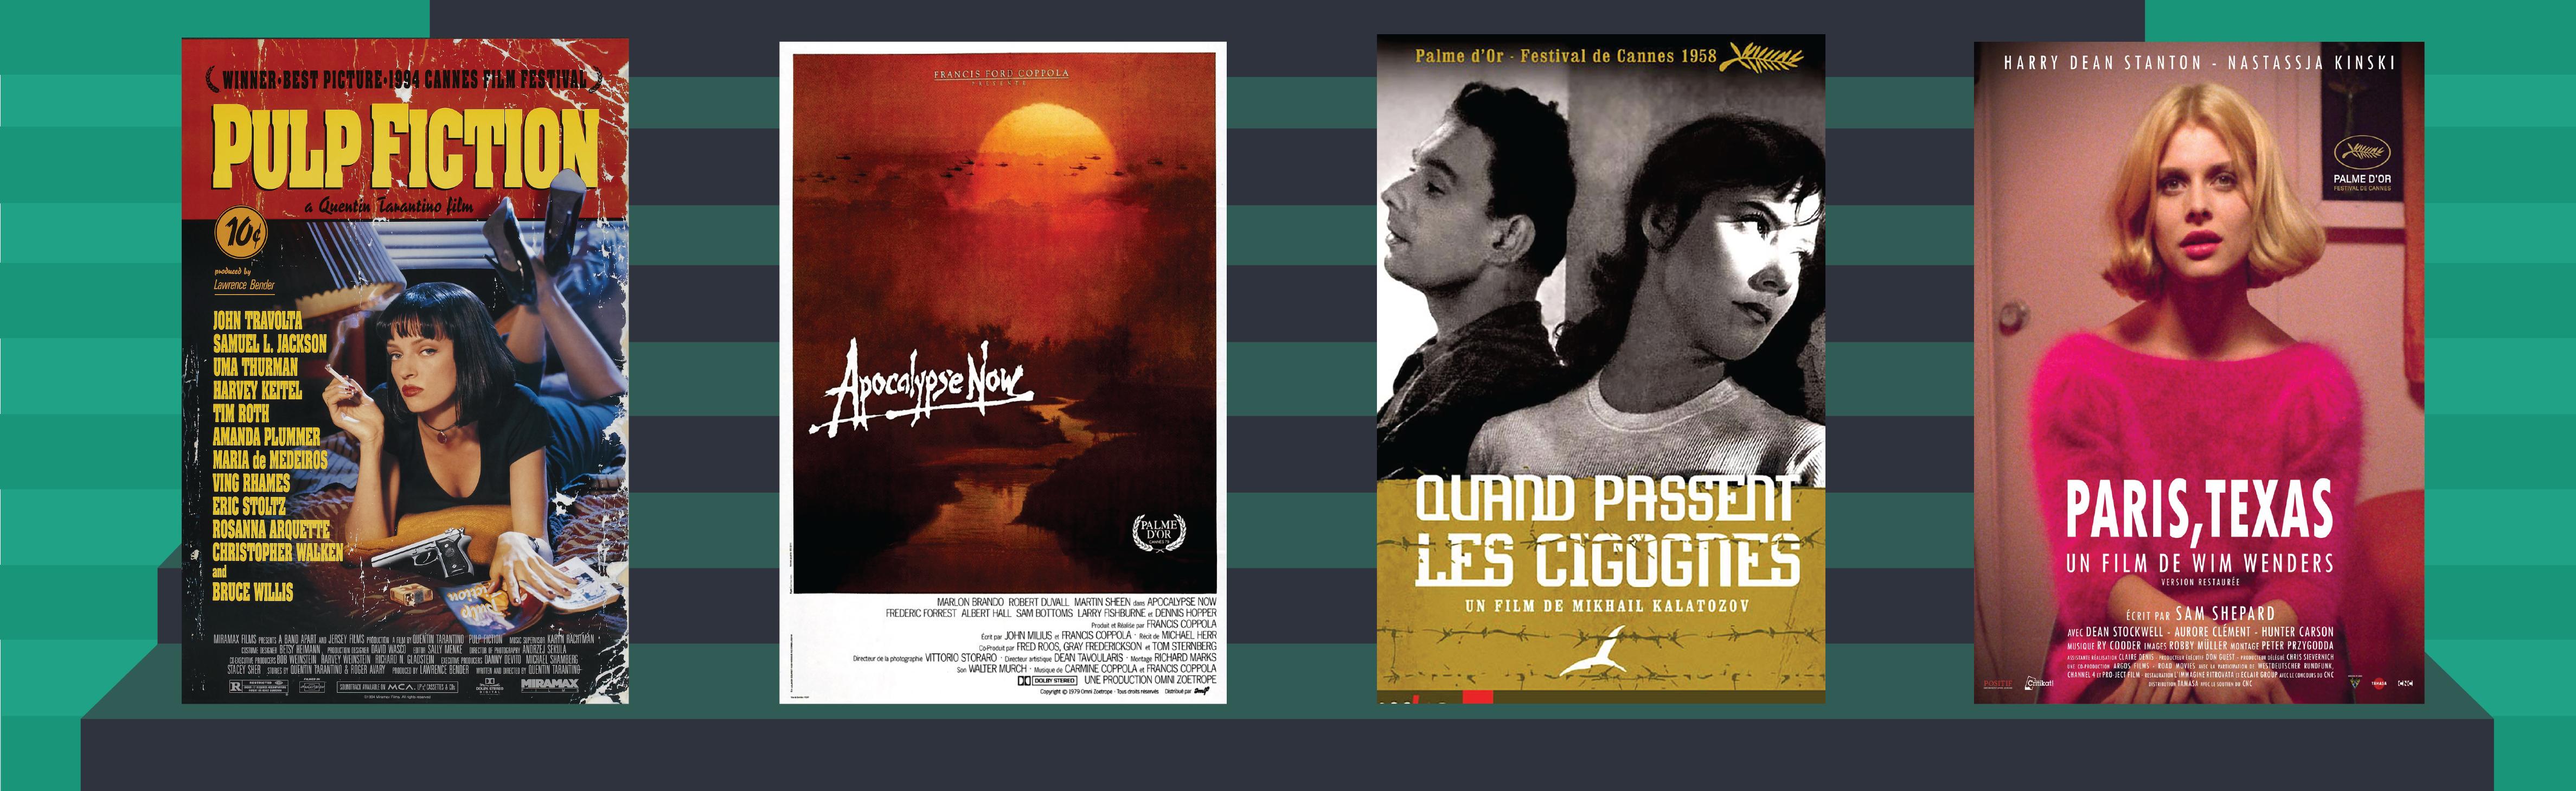 Irreversible Filme Delightful les palmes d'or sont-elles toujours les meilleurs films?